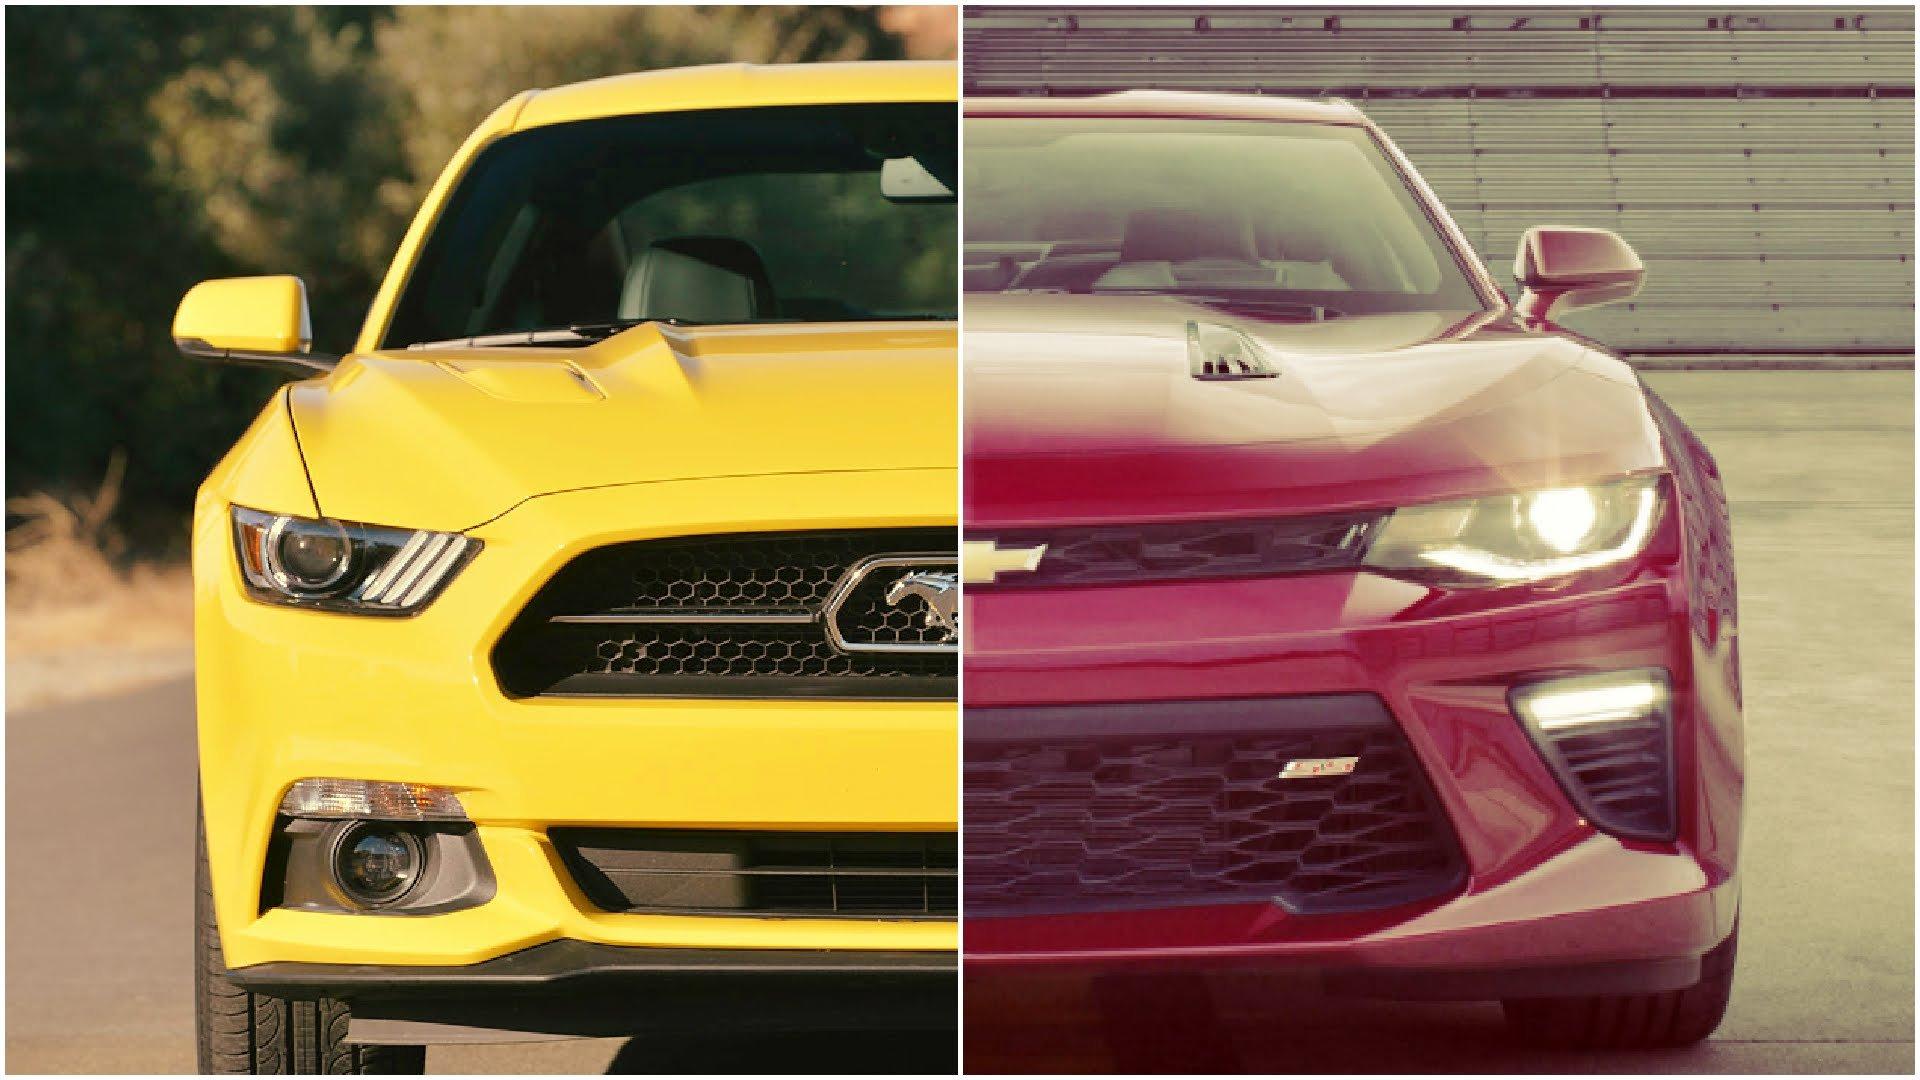 Mustang vs Camaro April 2016 Sales Figures  AllFordMustangs